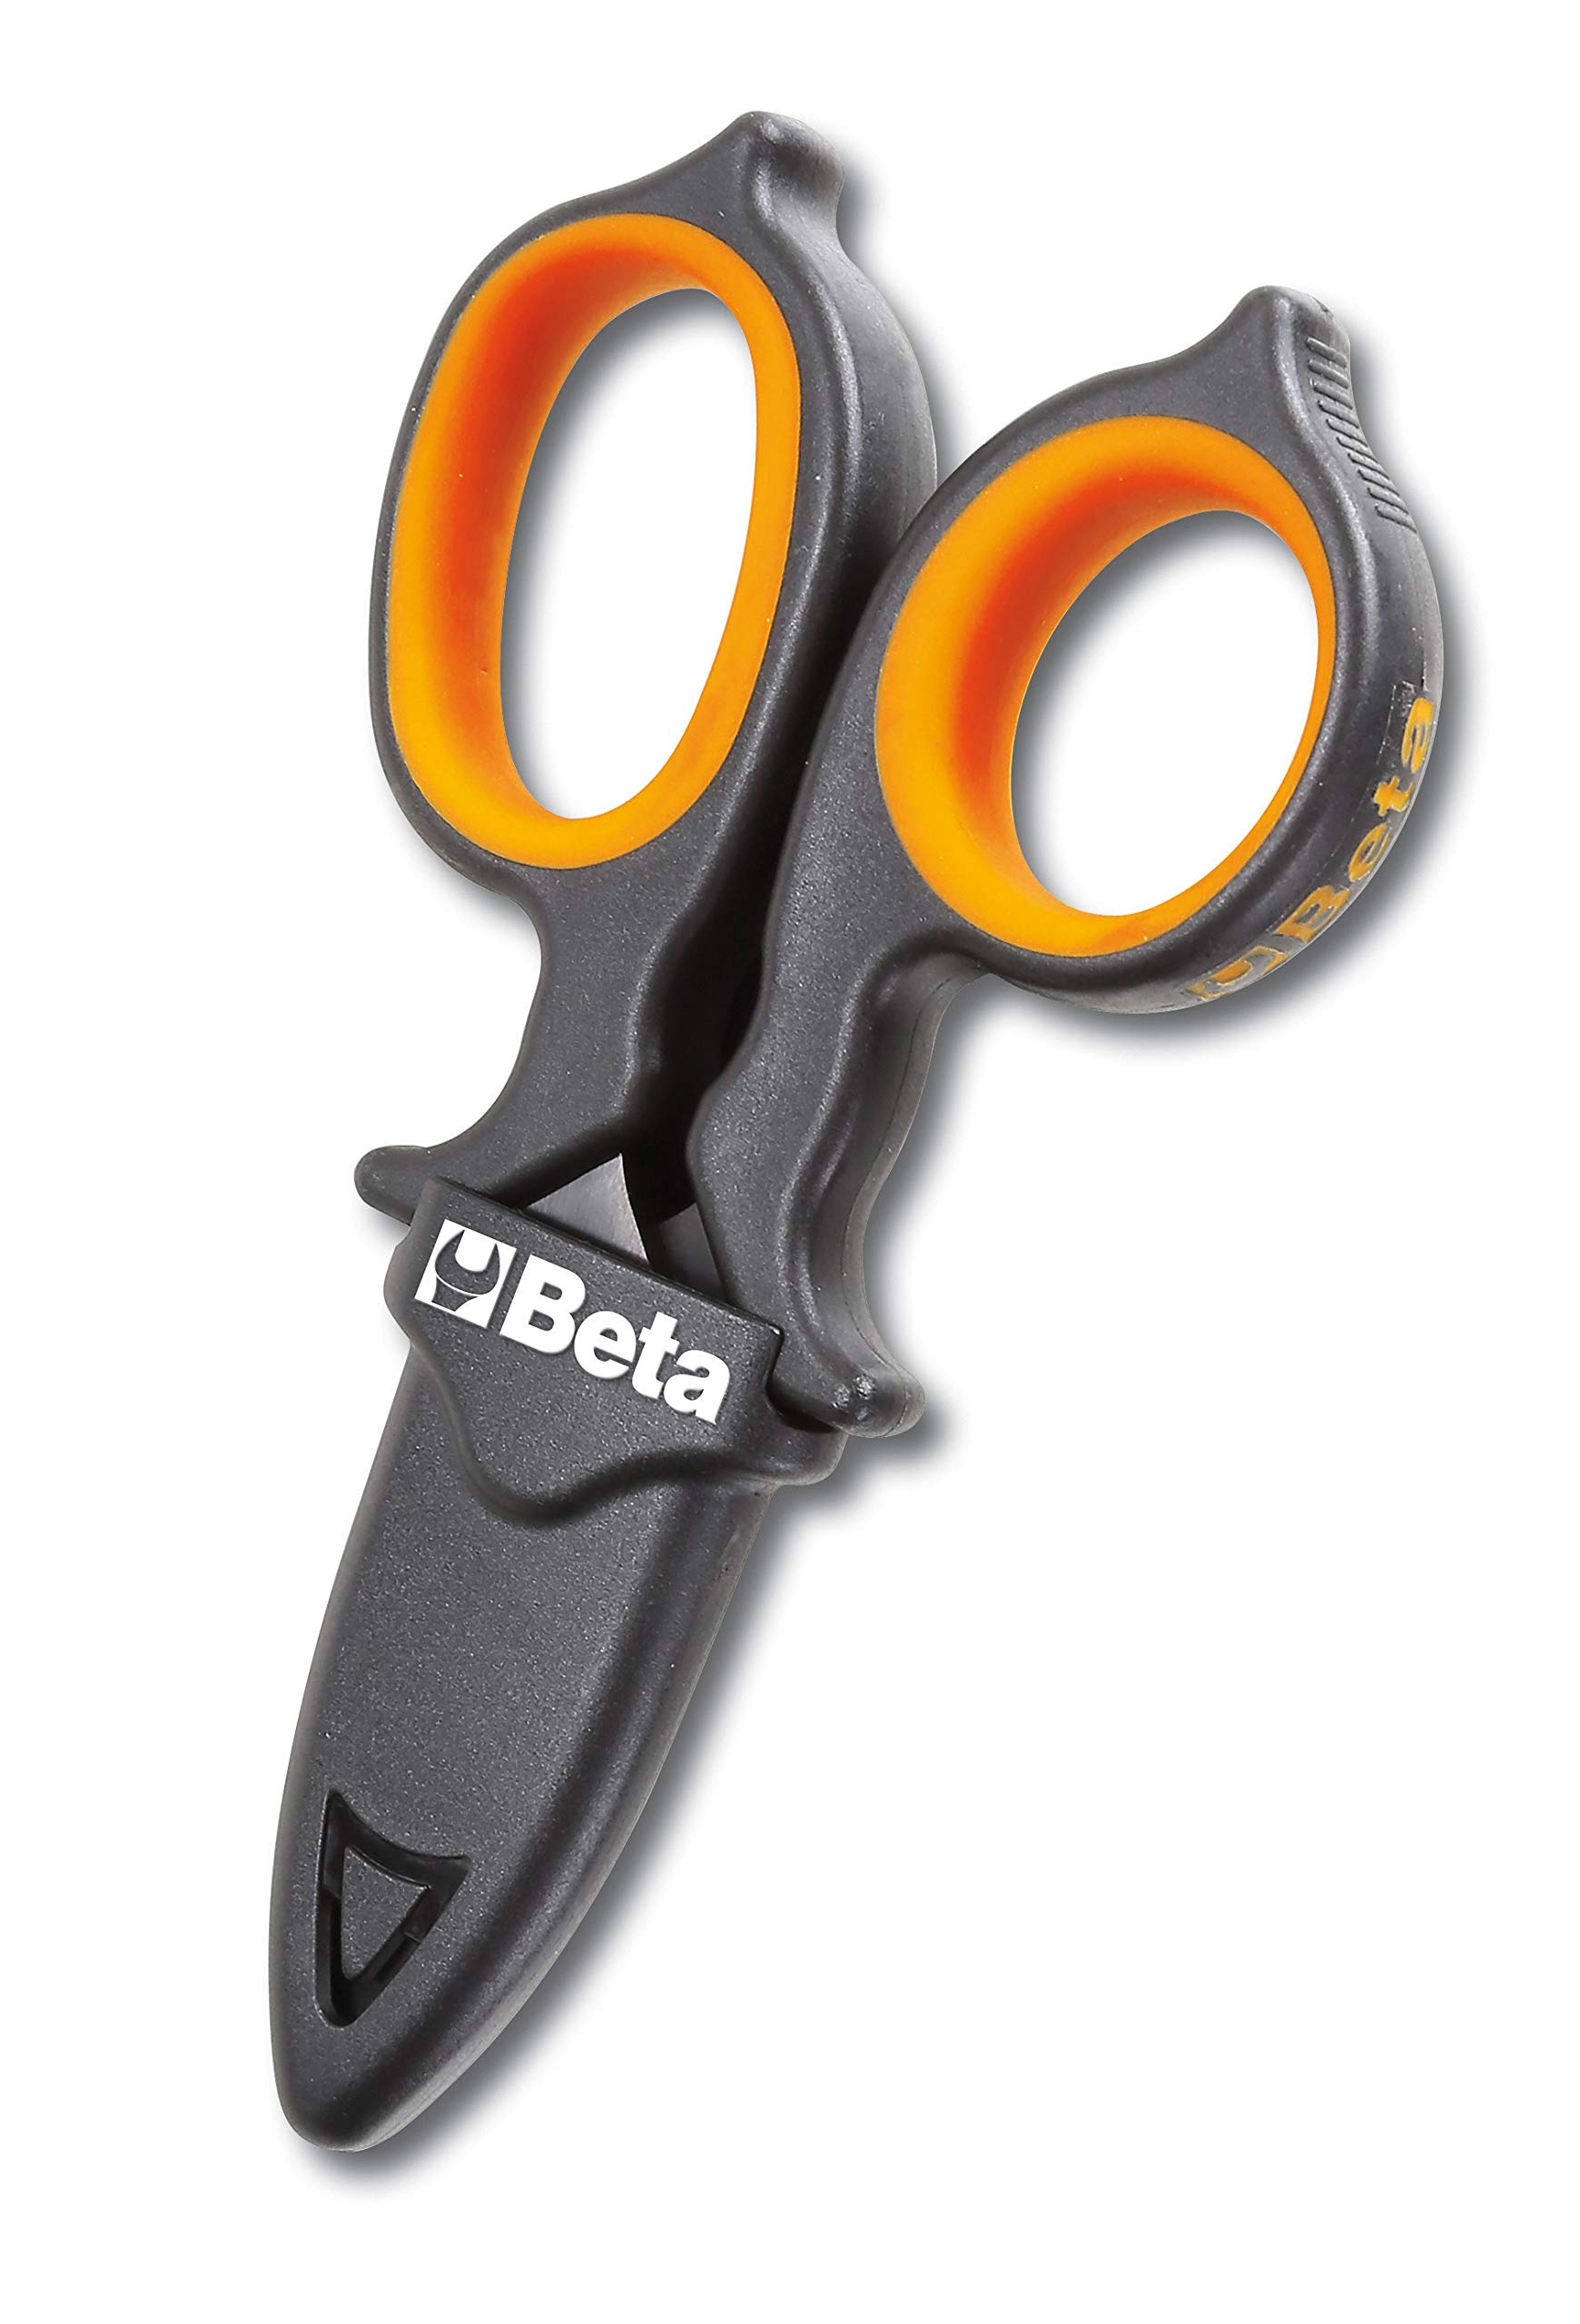 Beta-1128BAX-Forbici-per-elettricisti-a-Doppio-Effetto-brevettata-Unica-al-Mondo-con-Profili-a-Fresa-per-forare-Le-scatole-di-derivazione